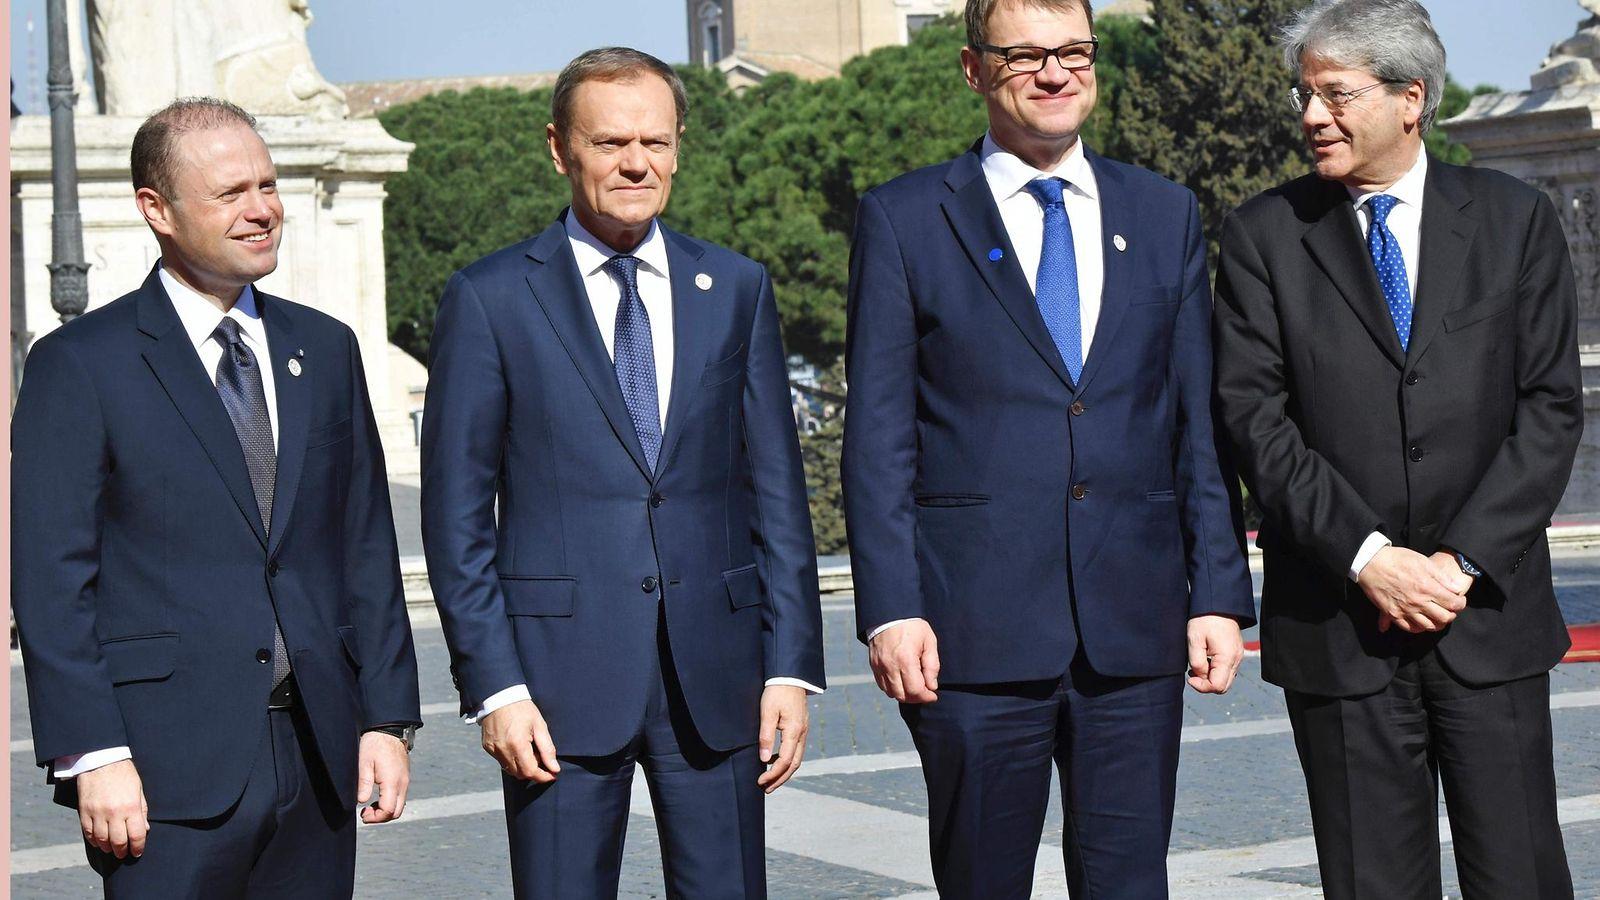 EU:n riisuttu julistus saatiin allekirjoitettua uhkauksista huolimatta - Ulkomaat - Uutiset - MTV.fi